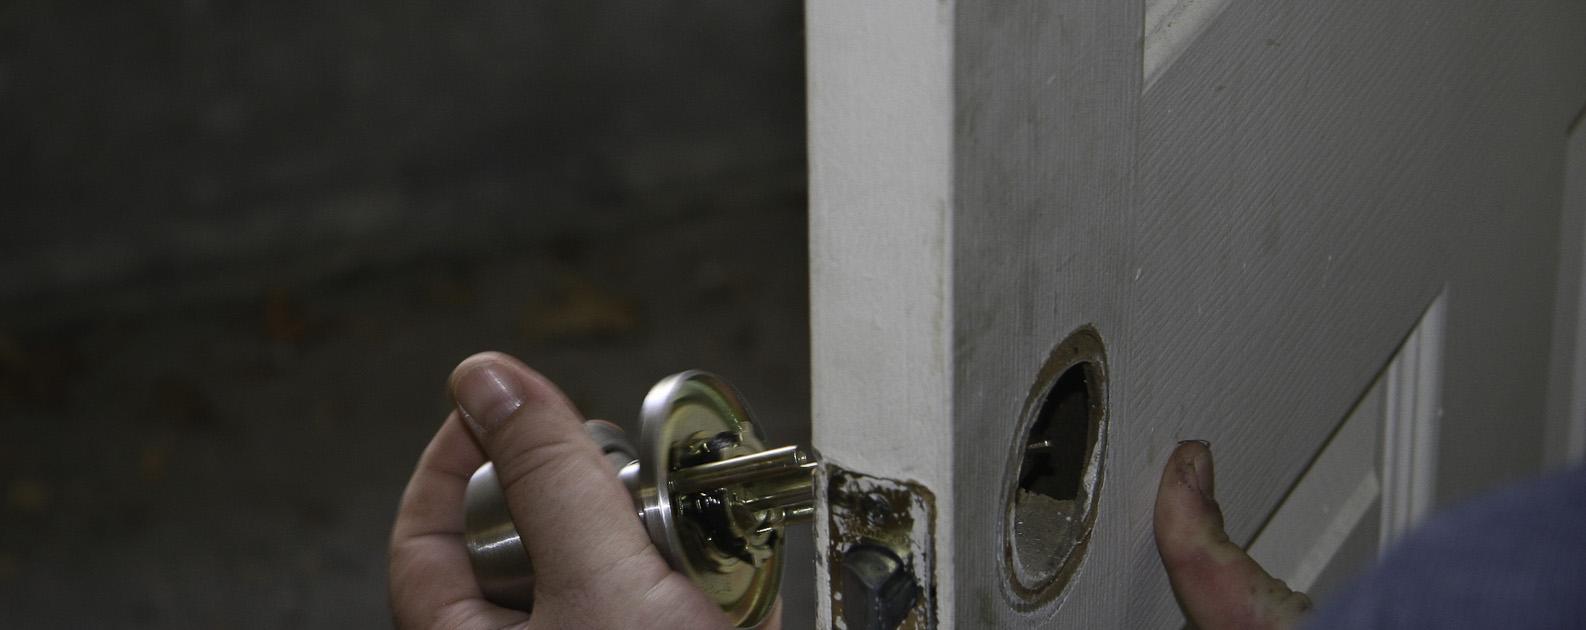 Facing-lockout